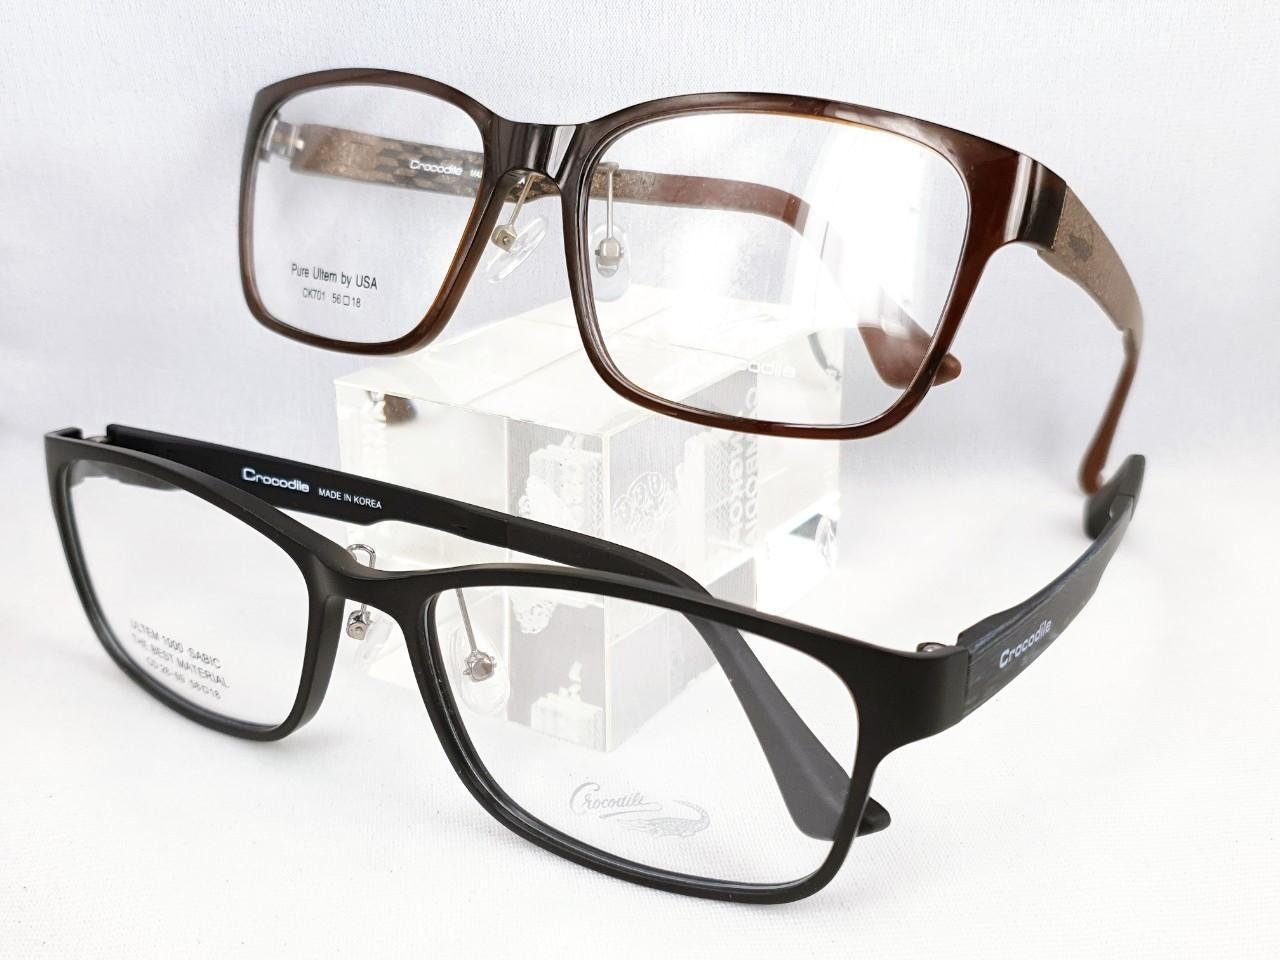 民視眼鏡品牌Crocodile朔鋼_200102_0001